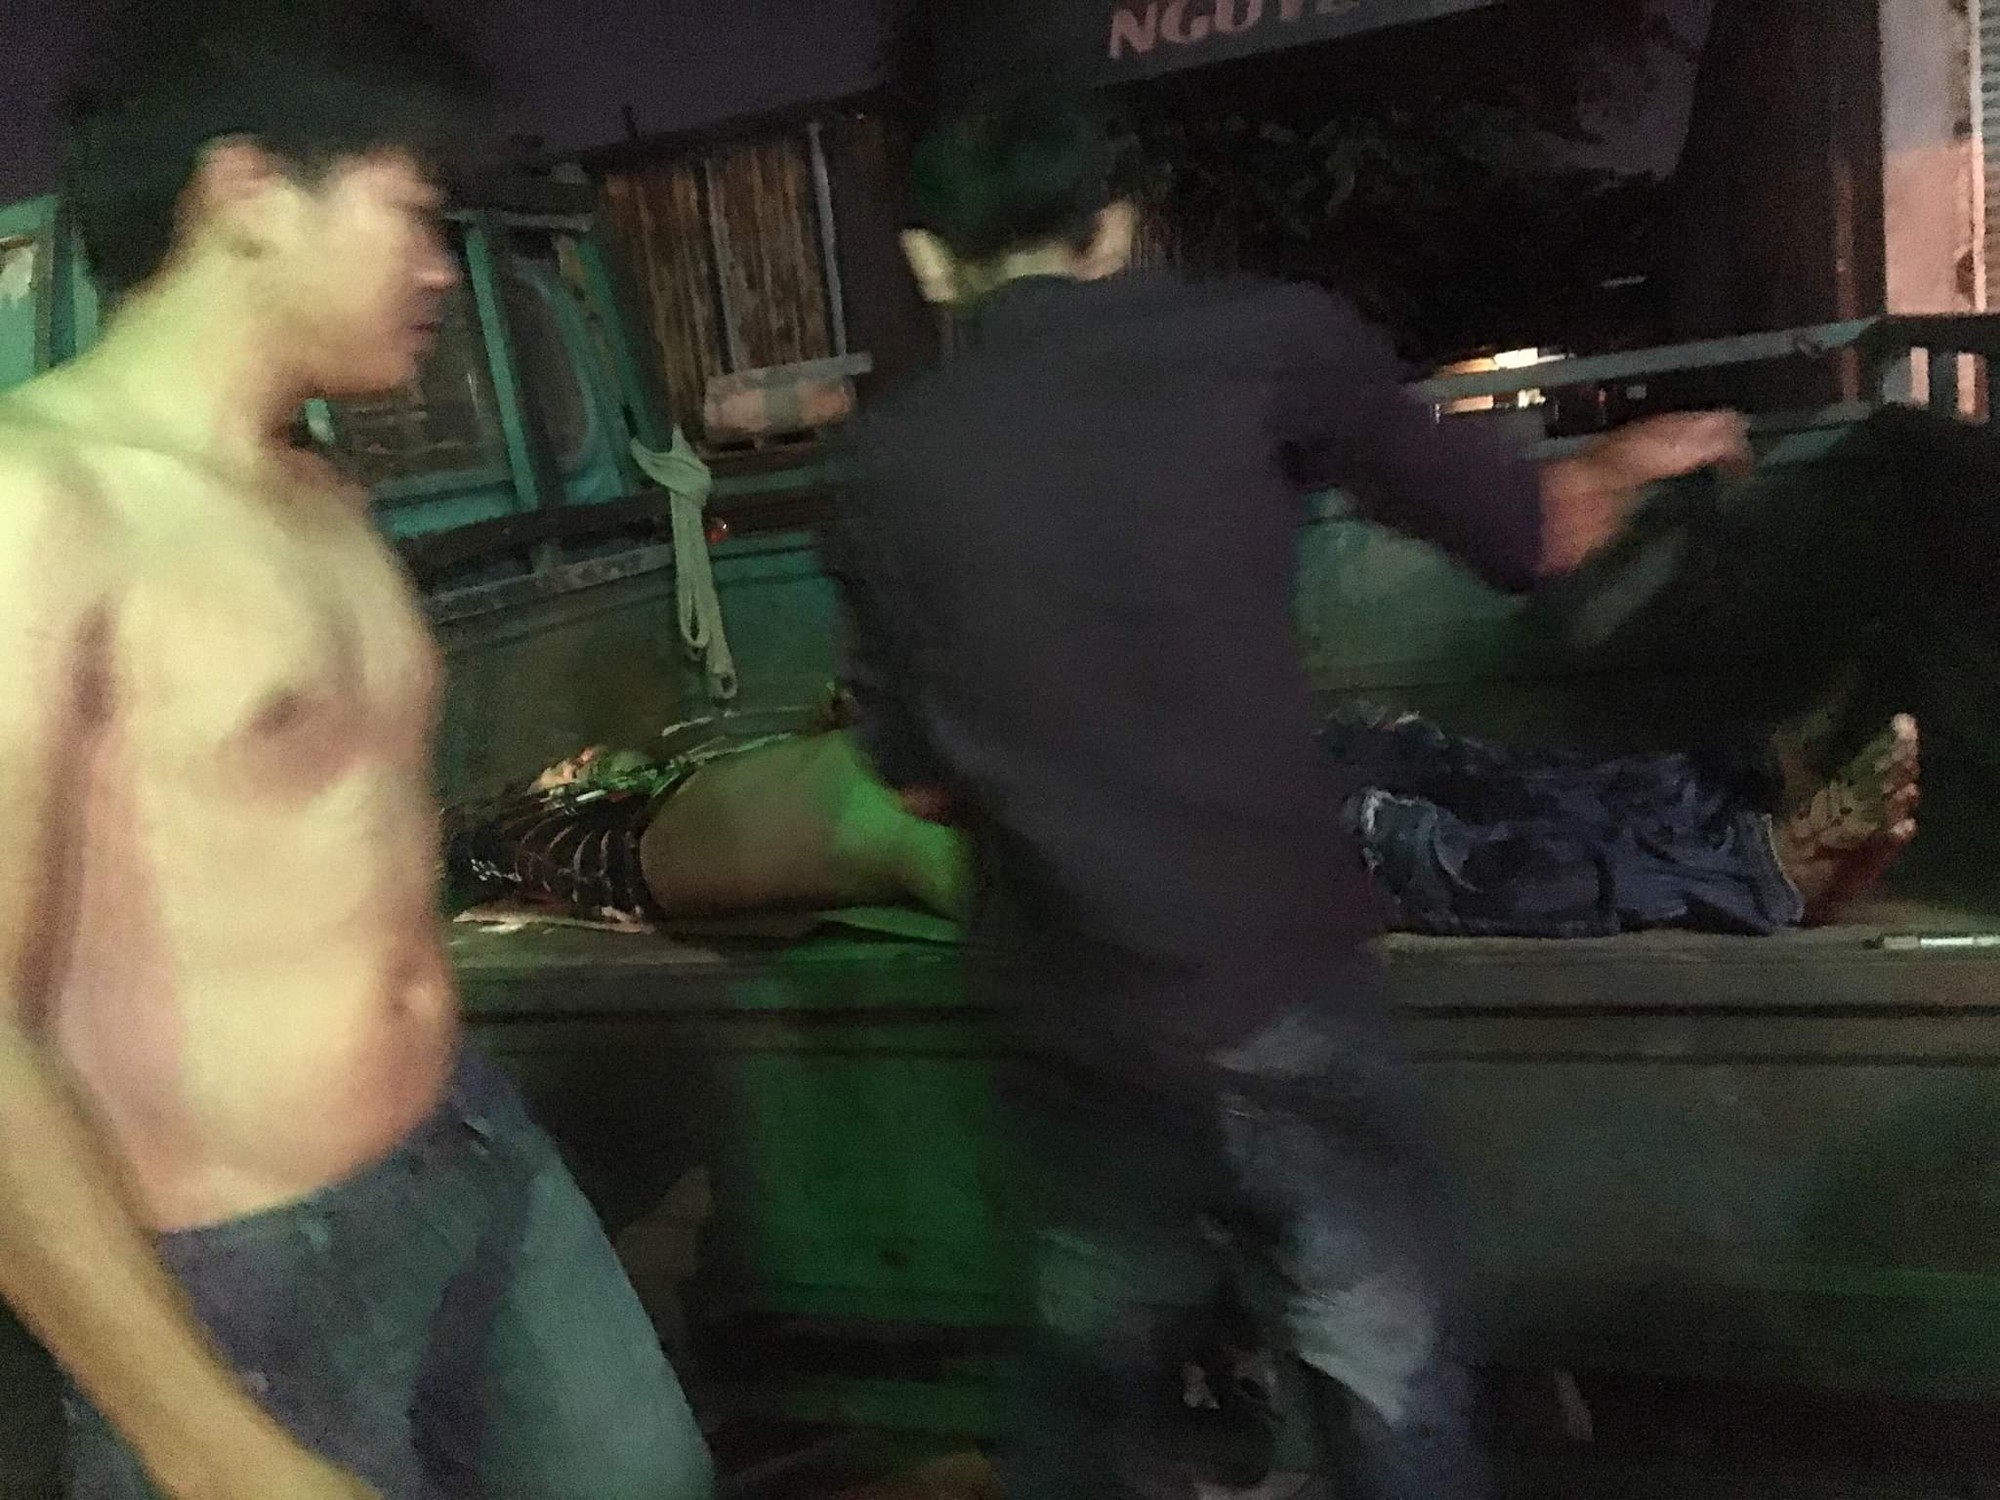 Nhóm giang hồ truy sát 4 thanh niên nguy kịch ở phòng trọ Sài Gòn - Ảnh 3.